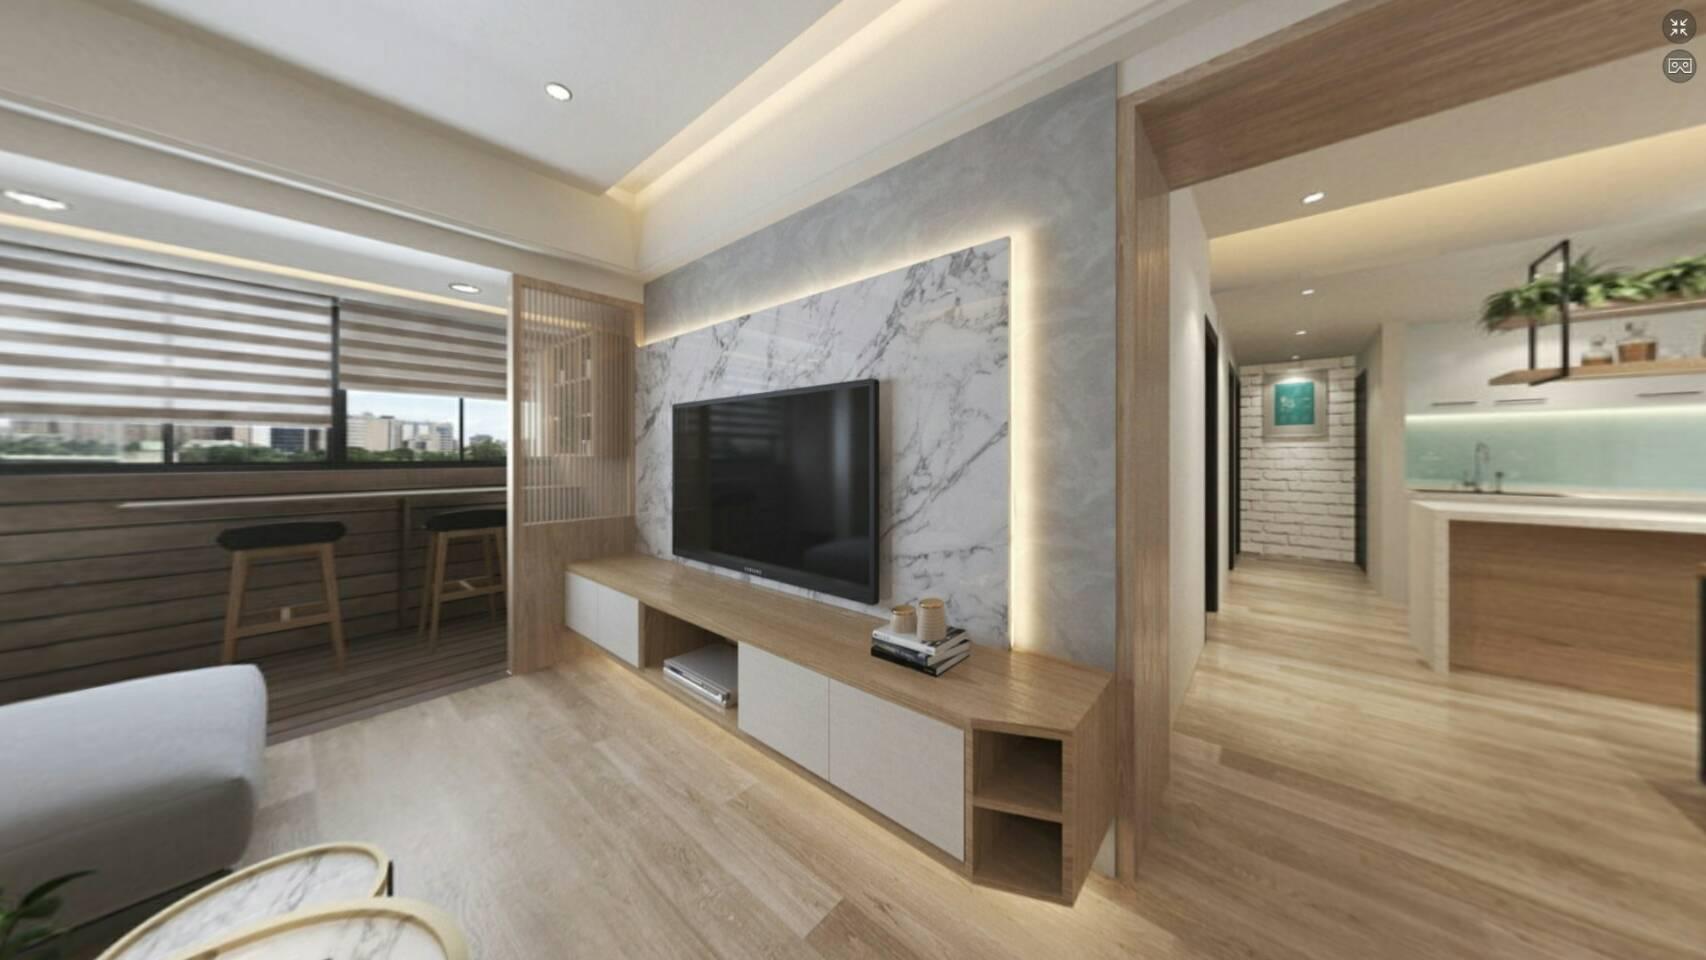 3D,720VR,環景圖,舊屋翻新\北歐風-室內設計,室內裝潢,裝潢,裝修,桃園室內設計,中壢室內設計,雅和室內設計,雅和設計